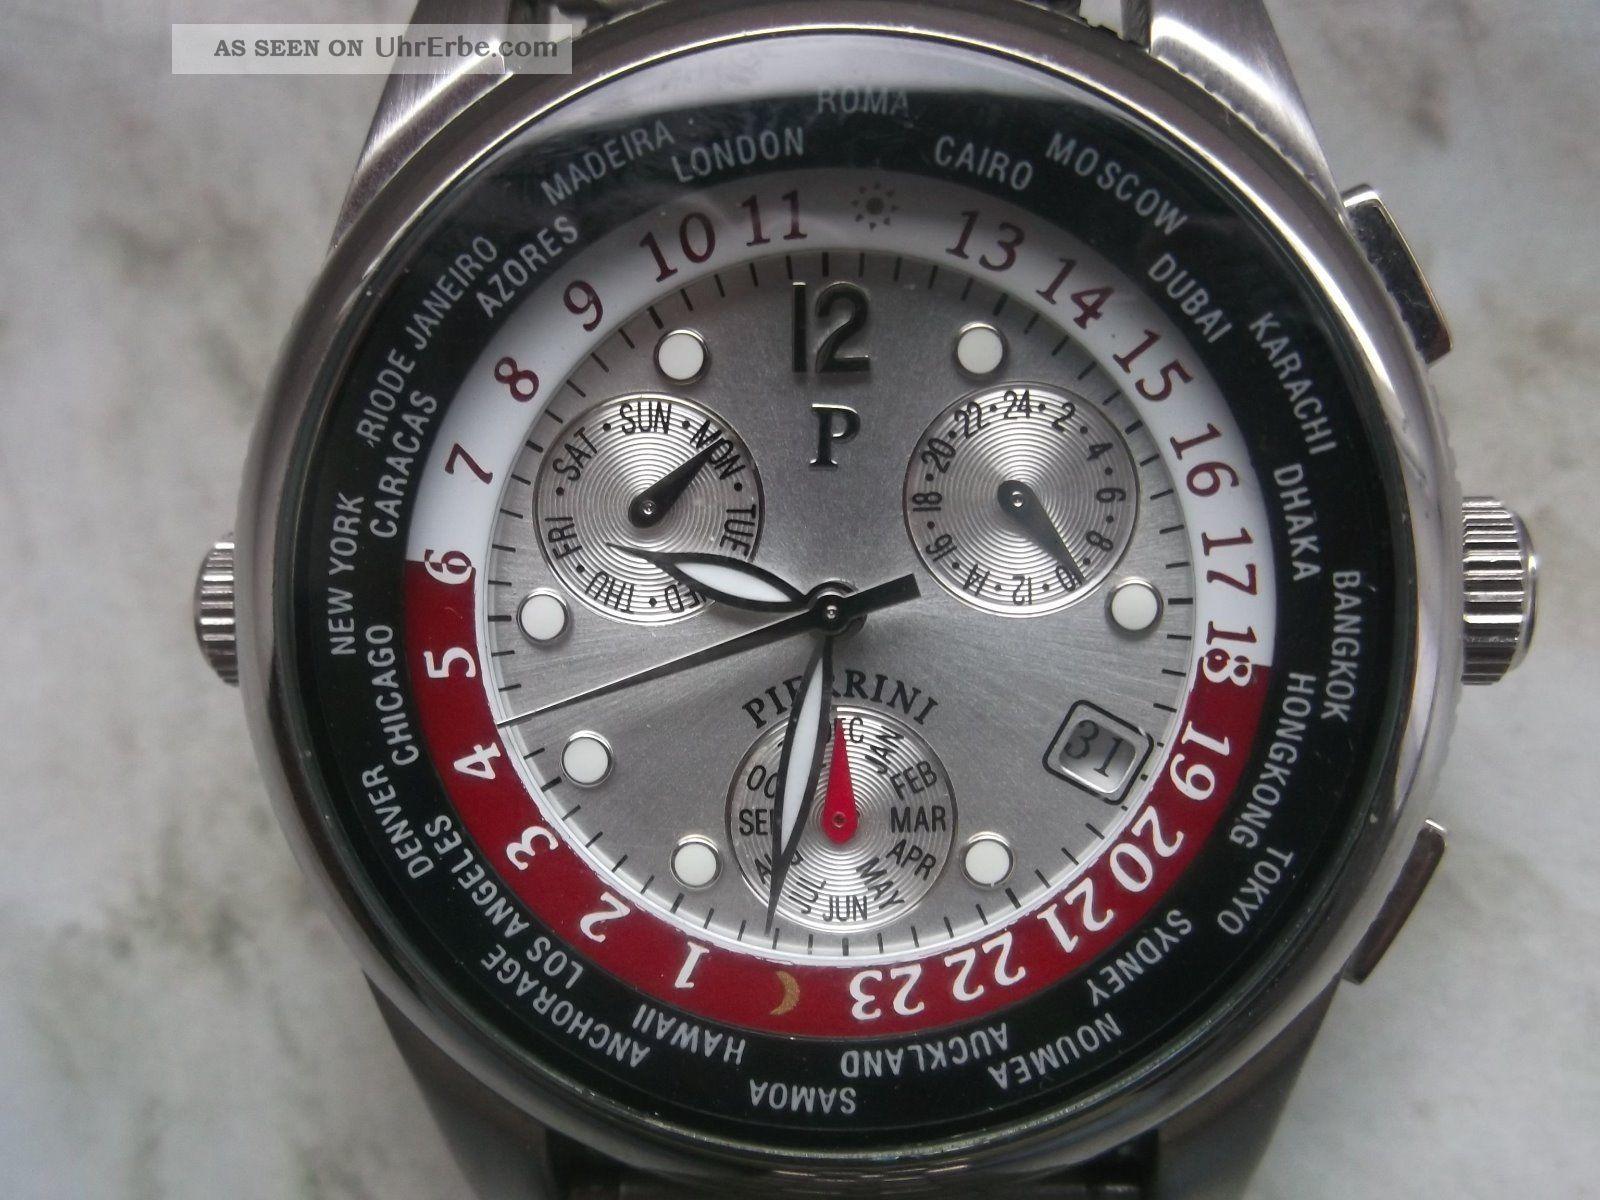 Herren Automatikuhr Pierrini Mit Glasboden Und Drehbarem Innenring Armbanduhren Bild